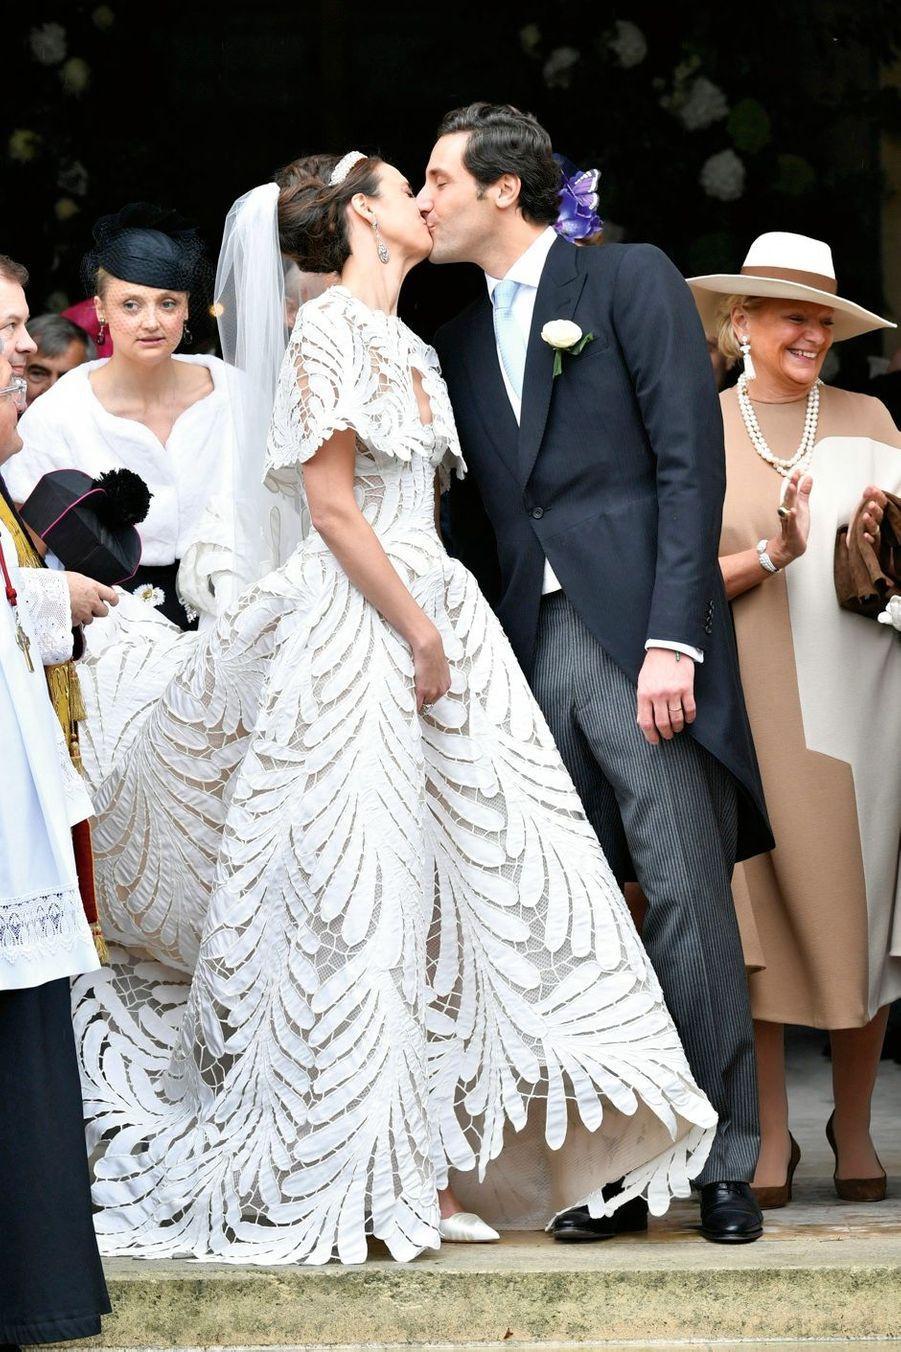 D'habitude, les mariés posent dans un parc. Eux, leur serment est gravé dans le marbre.